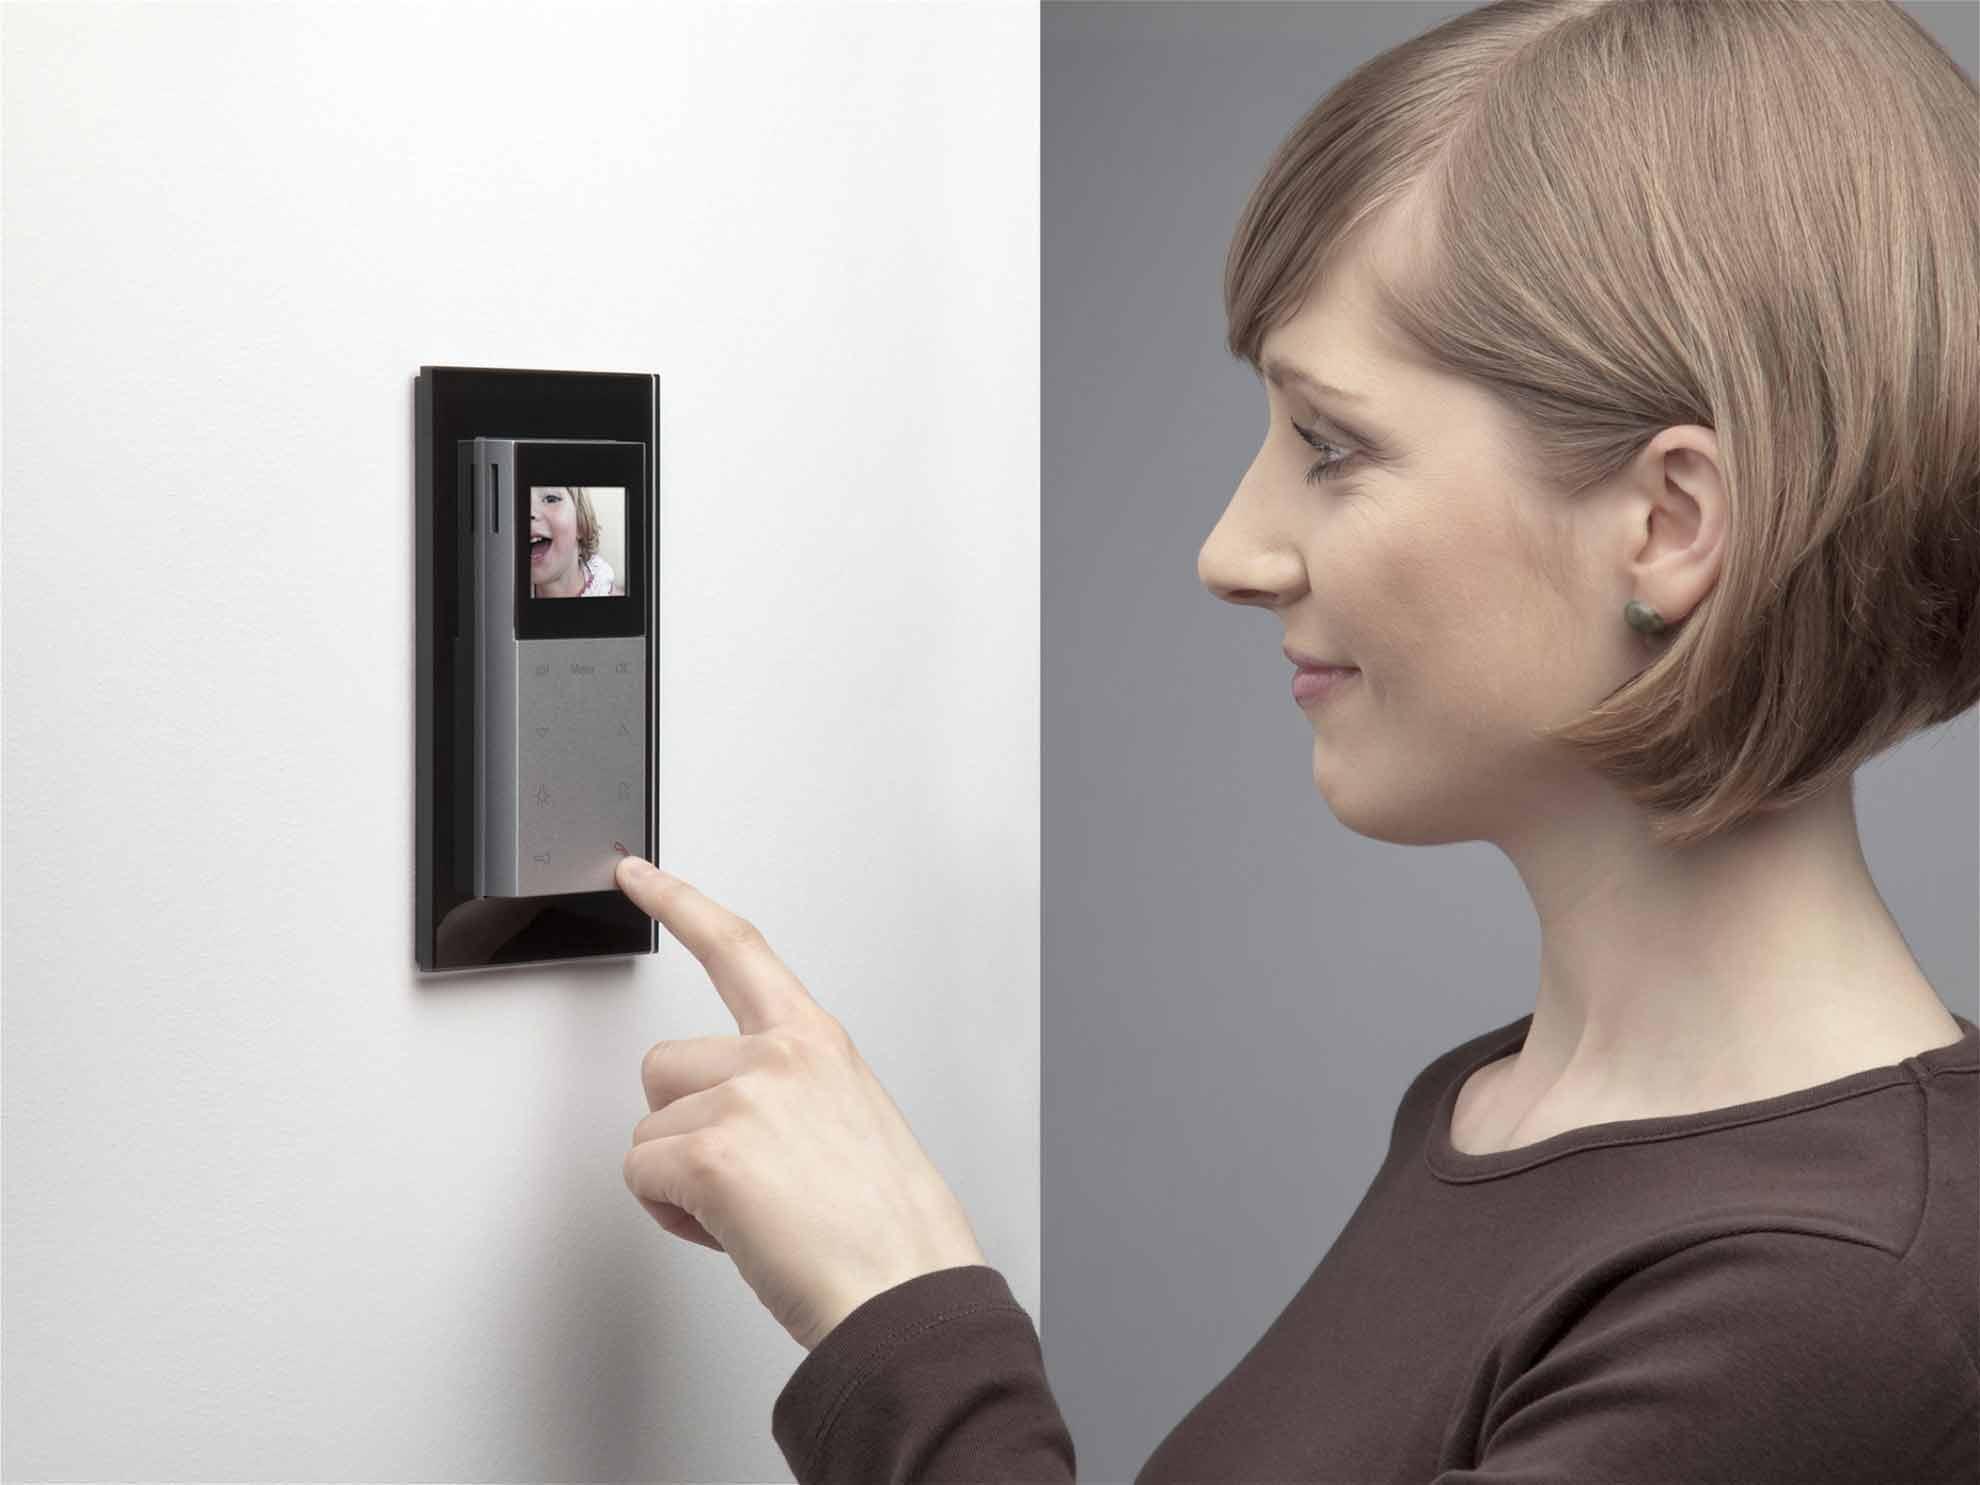 Doorphones